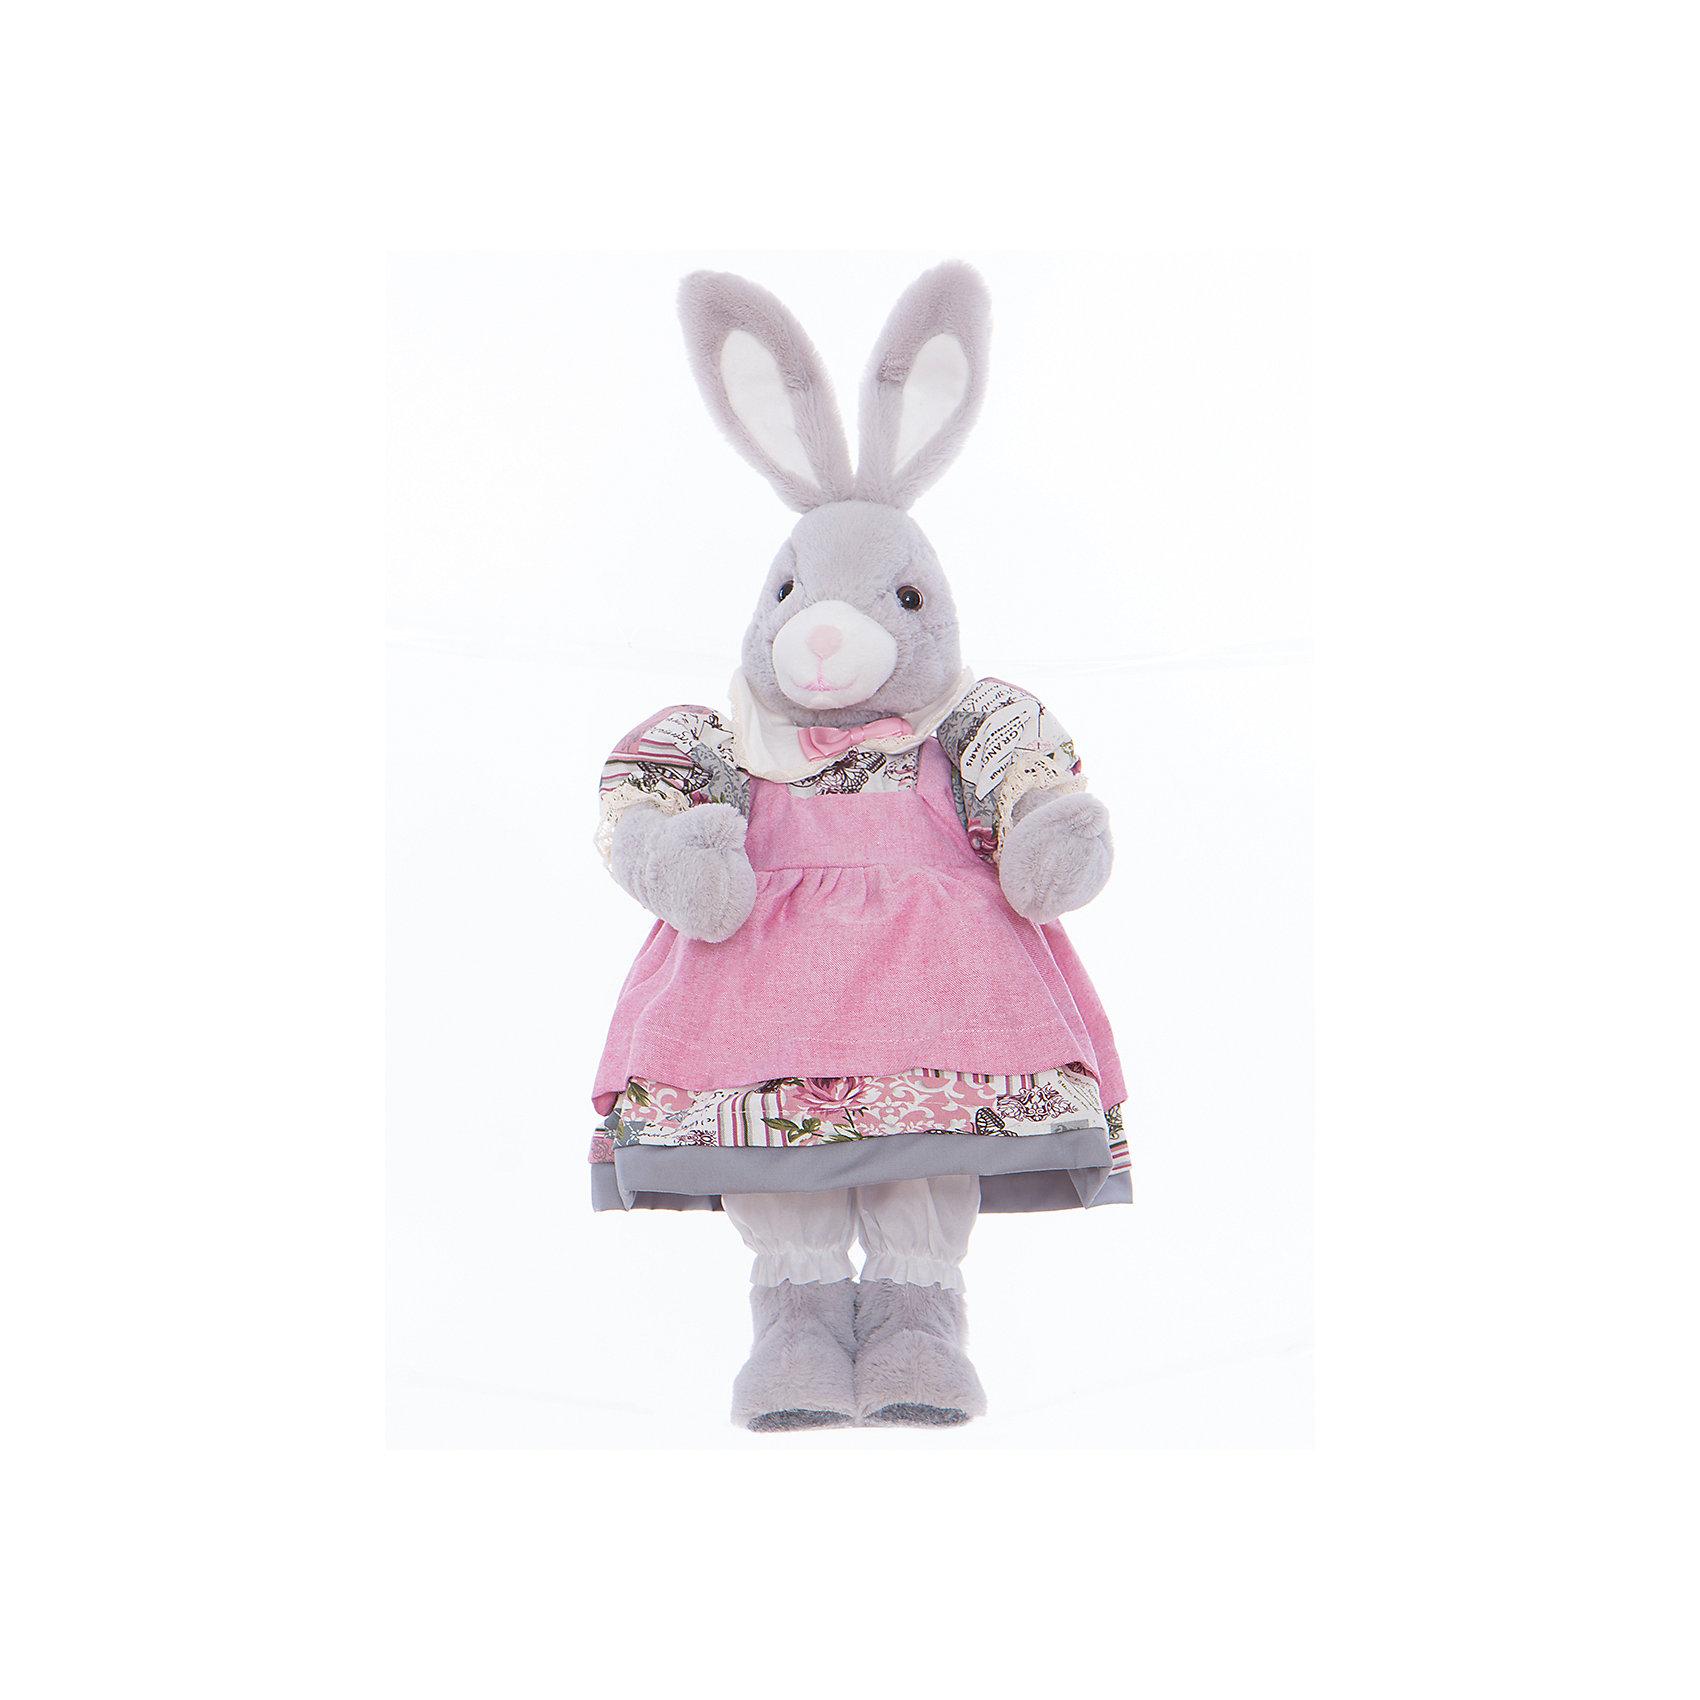 Интерьерная кукла Зайчик C21-228217, EstroПредметы интерьера<br>Характеристики интерьерной куклы:<br><br>- размеры (высота): 55 см <br>- тип игрушки: животные, мягкая игрушка<br>- персонаж: заяц<br>- вид упаковки: коробка<br>- возрастные ограничения: 3+<br>- состав: дерево, полиэстер, текстиль, полиэфир<br>- стиль: классический, прованс<br>- материал изготовления: высококачественный пластик, полиэстер, ткань<br>- бред: Estro<br>- страна бренда: Италия<br>- страна производитель: Китай<br><br>Великолепная интерьерная кукла Зайка итальянской торговой марки Estro станет великолепным вариантом для любой квартиры. Изделие произведено из качественных материалов красивой расцветки. Стиль изделия проработан, учитывая все нюансы. Все составляющие тщательно выбраны и отлично подходят друг к другу. Интерьерная кукла Зайка будет удачной покупкой или подарком семье. <br><br>Интерьерную куклу заяц итальянской торговой марки Estro можно купить в нашем интернет-магазине.<br><br>Ширина мм: 150<br>Глубина мм: 200<br>Высота мм: 550<br>Вес г: 643<br>Возраст от месяцев: 36<br>Возраст до месяцев: 1188<br>Пол: Женский<br>Возраст: Детский<br>SKU: 5356612